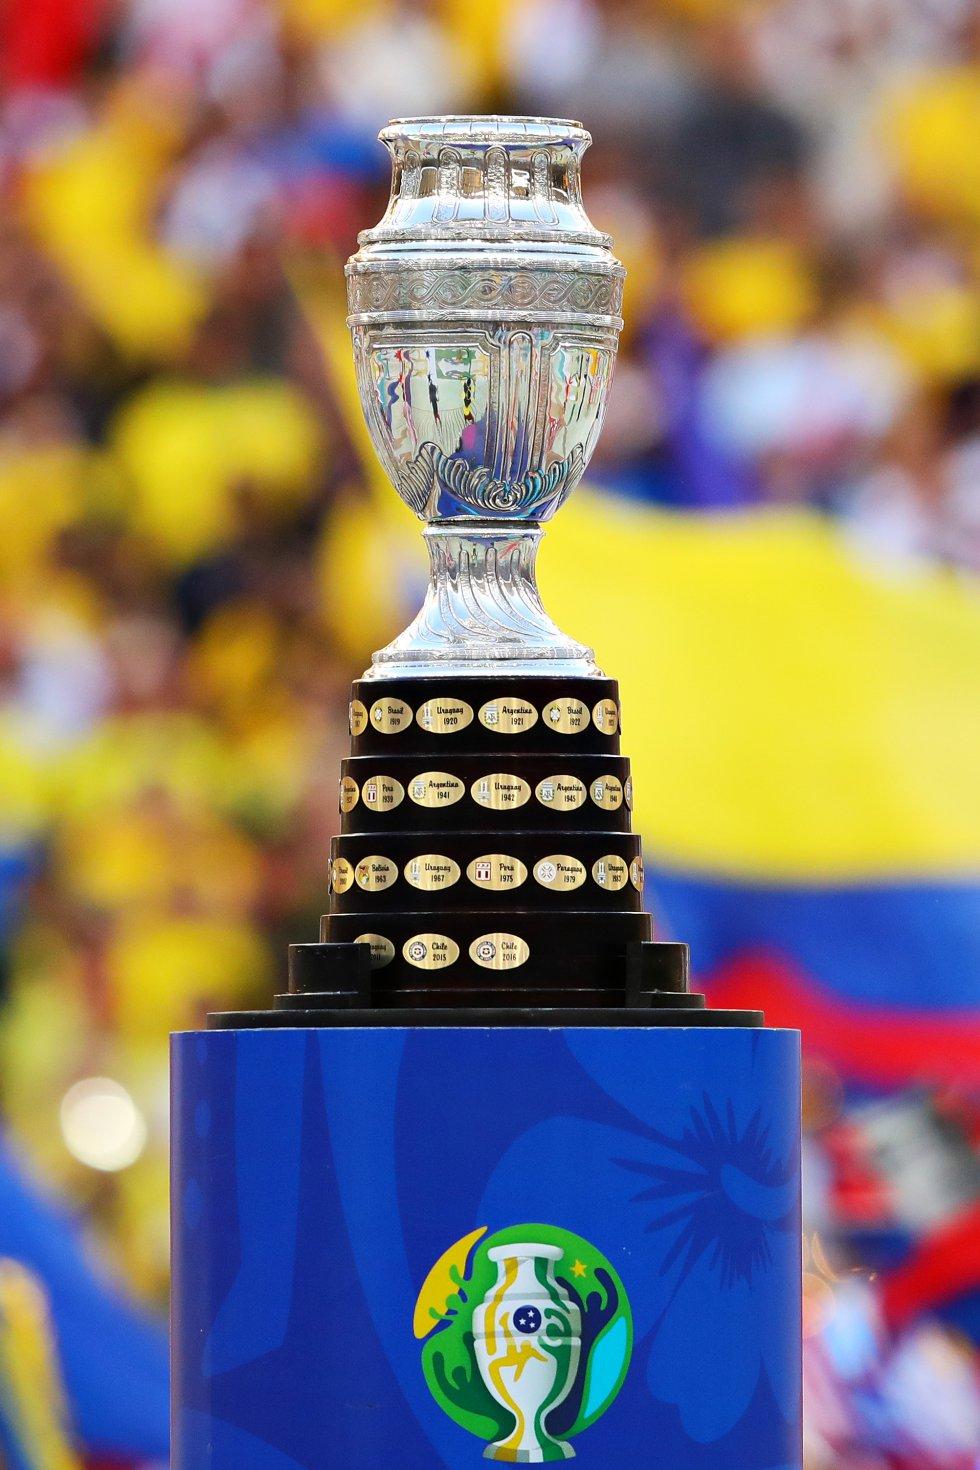 Copa América final Brasil Perú: Las mejores imágenes de la clausura en el mítico Maracaná